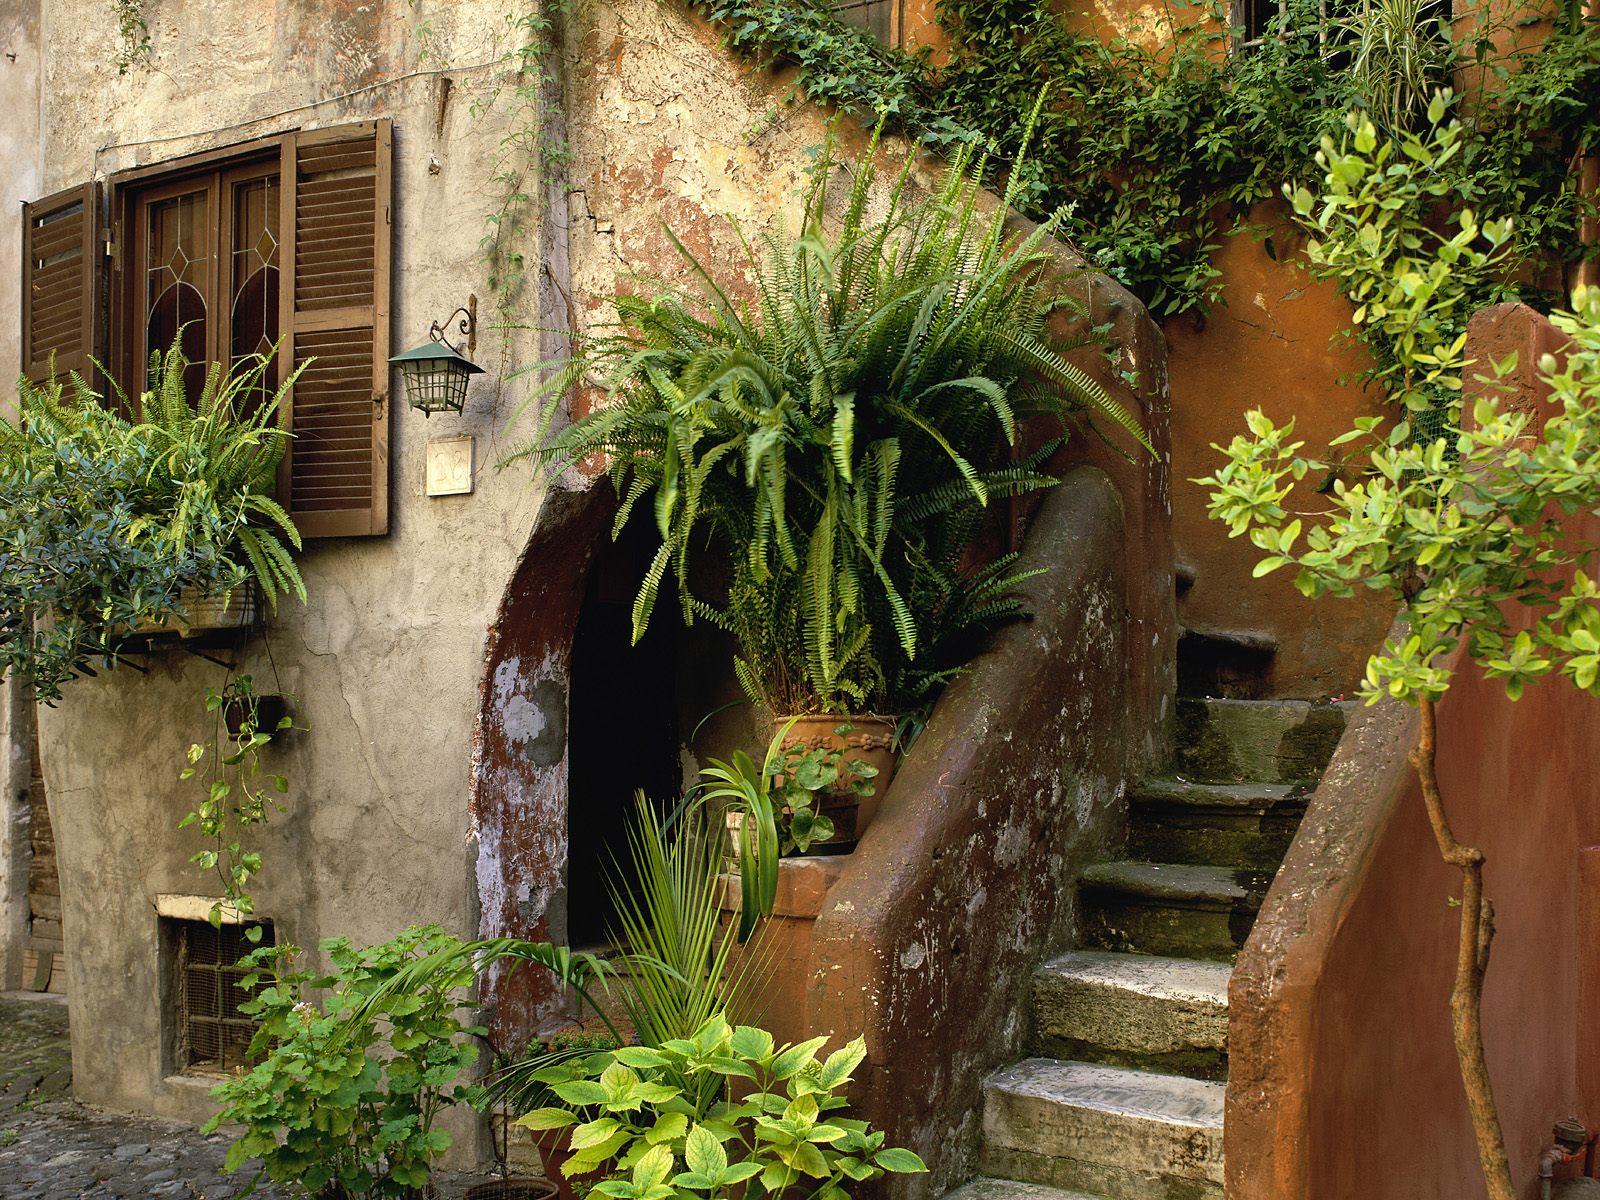 http://3.bp.blogspot.com/_708_wIdtSh0/S_5U2ToxAuI/AAAAAAAAA1A/-m874y0RvKw/s1600/Piazza+Arco+Degli+Acetari,+Rome,+Italy.jpg